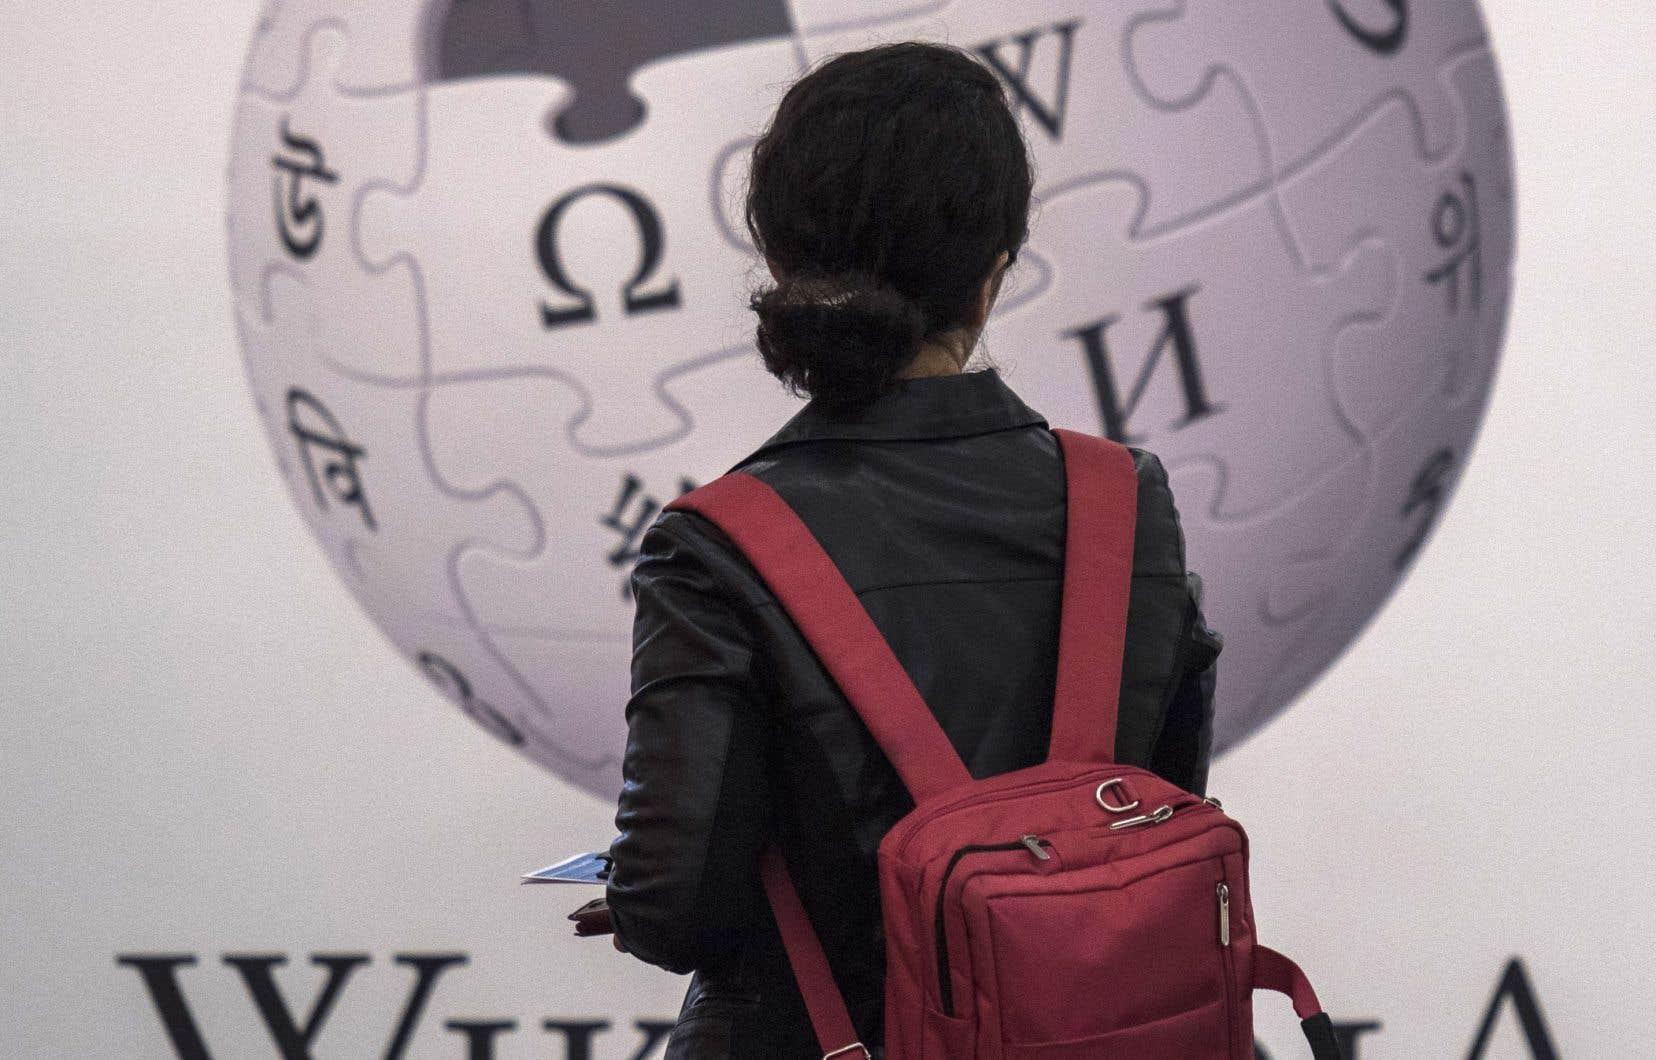 L'actualité en développement, surtout quand elle concerne un sujet délicat, ne manque pas de stimuler la grogne sur Wikipédia aussi.